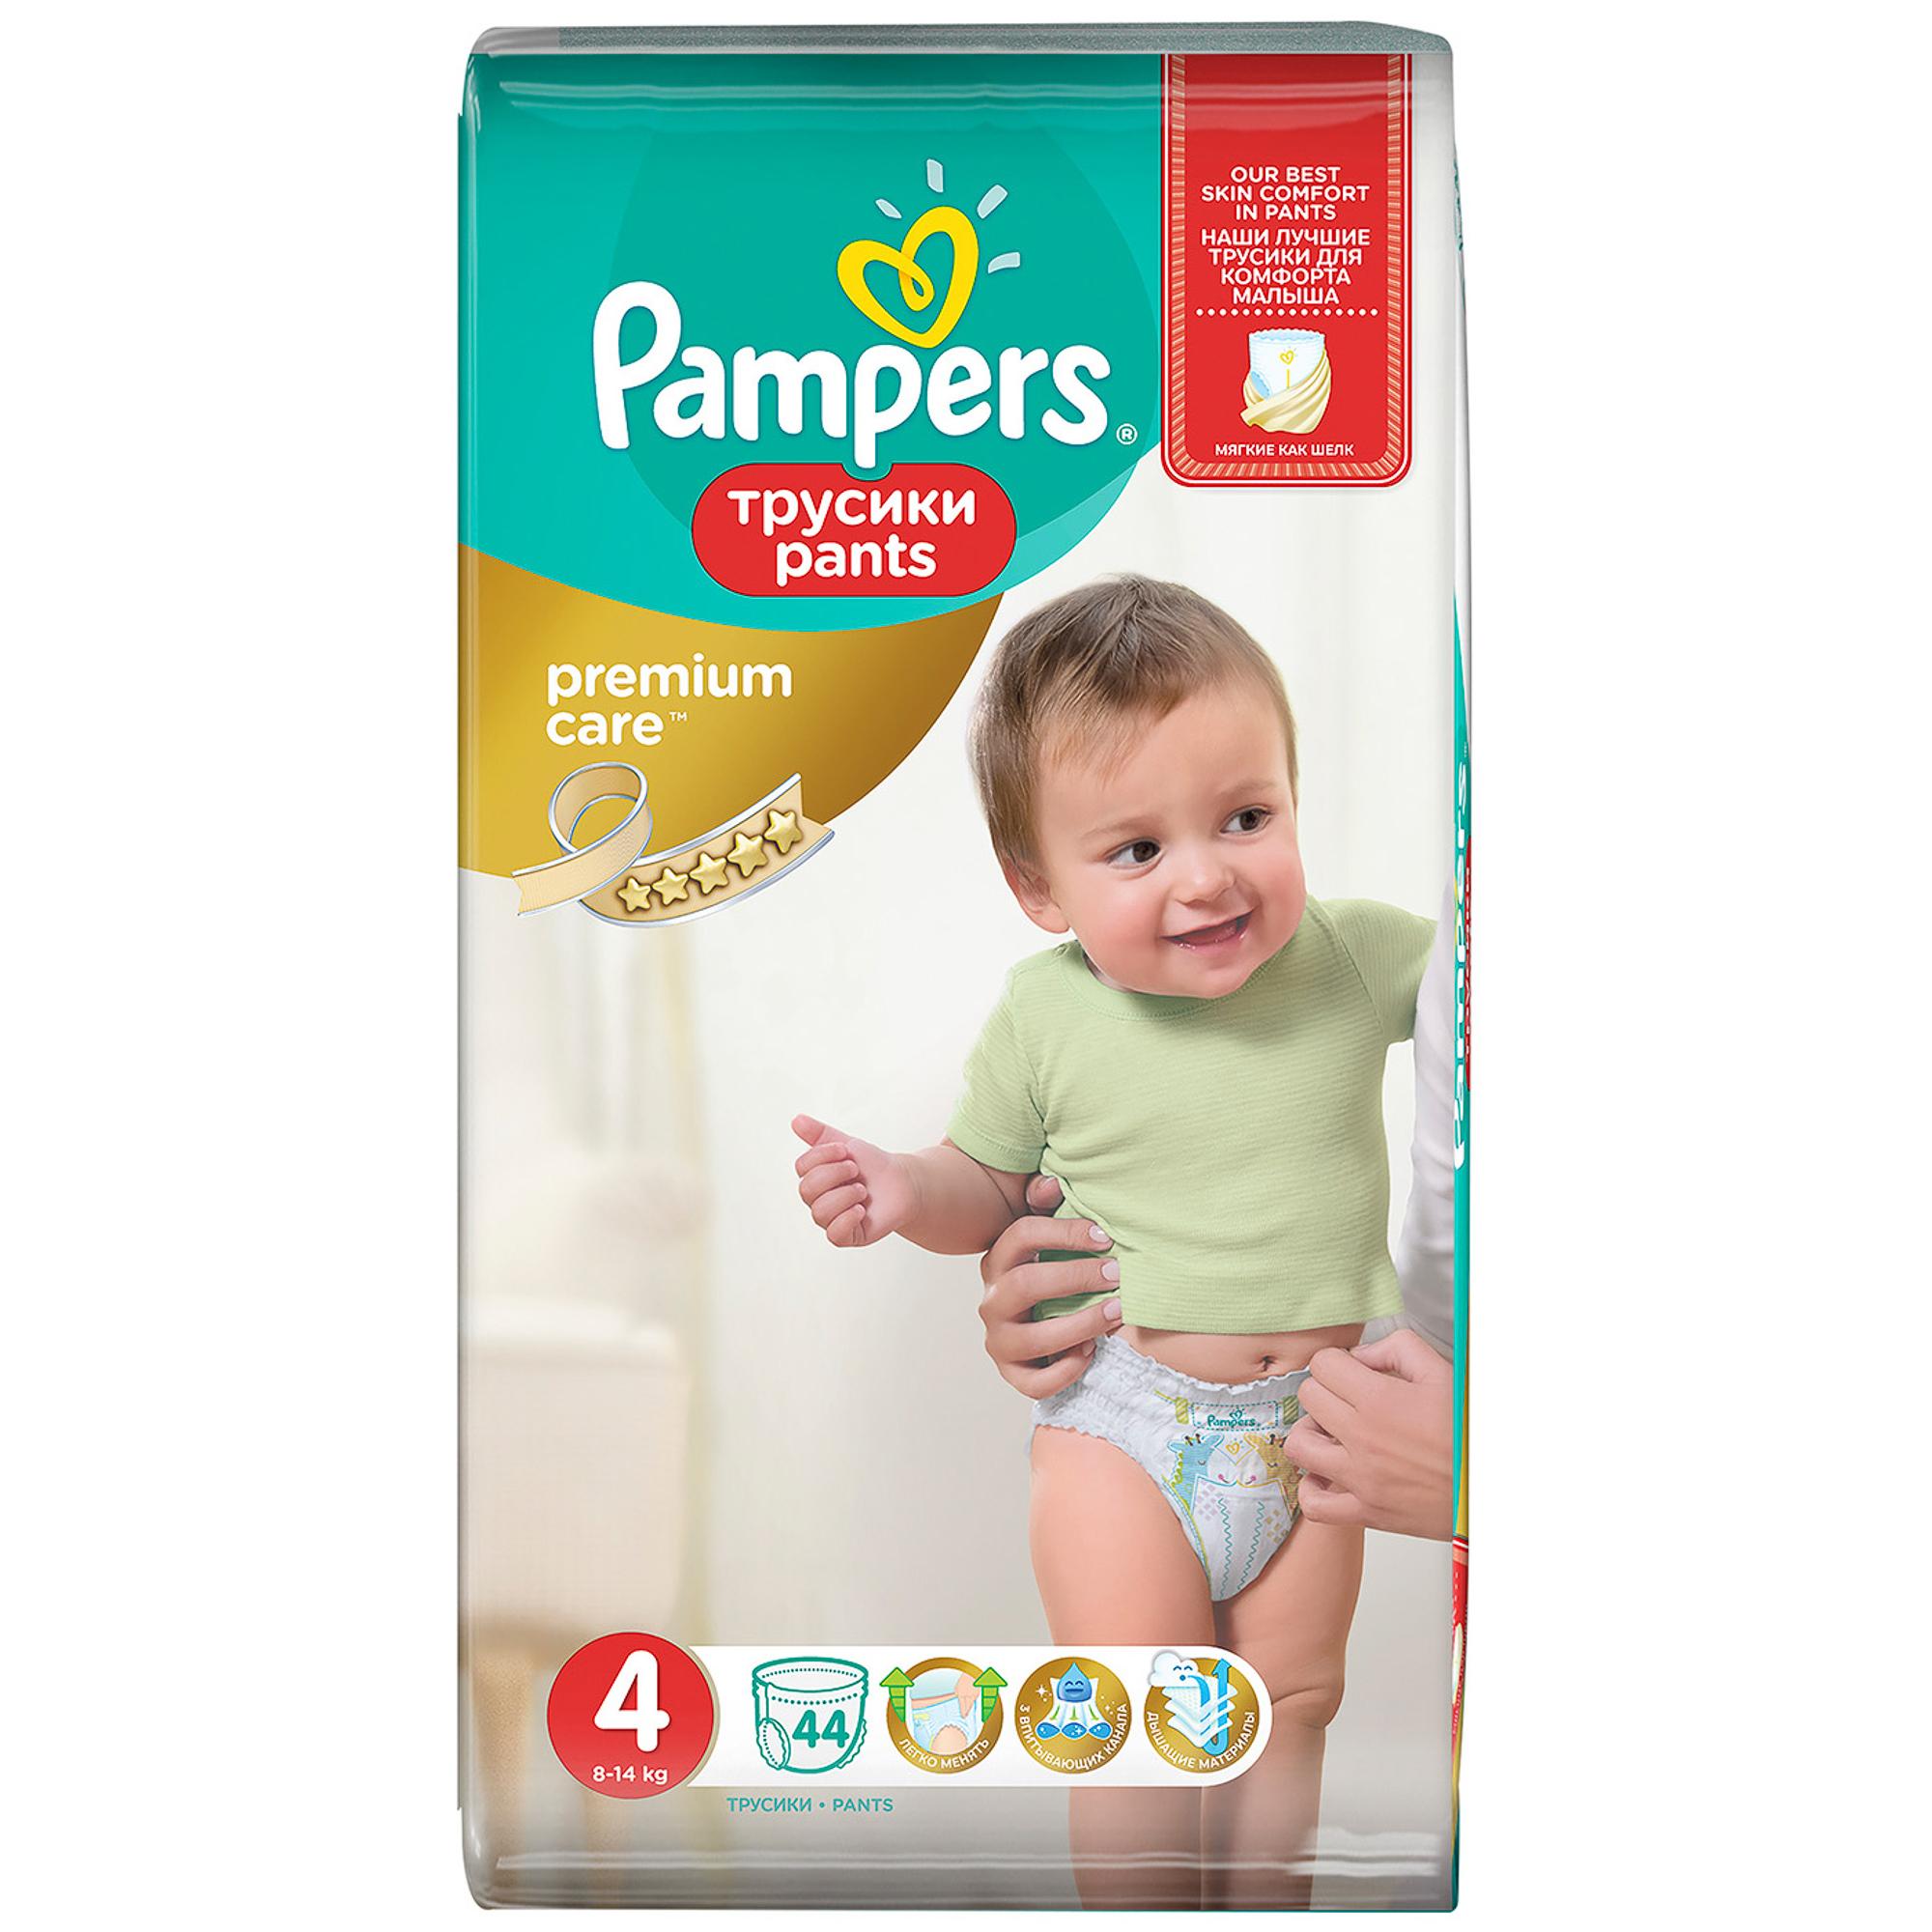 Купить Подгузники Pampers premmaxi 8-14 кг эк уп 44, Для детей,